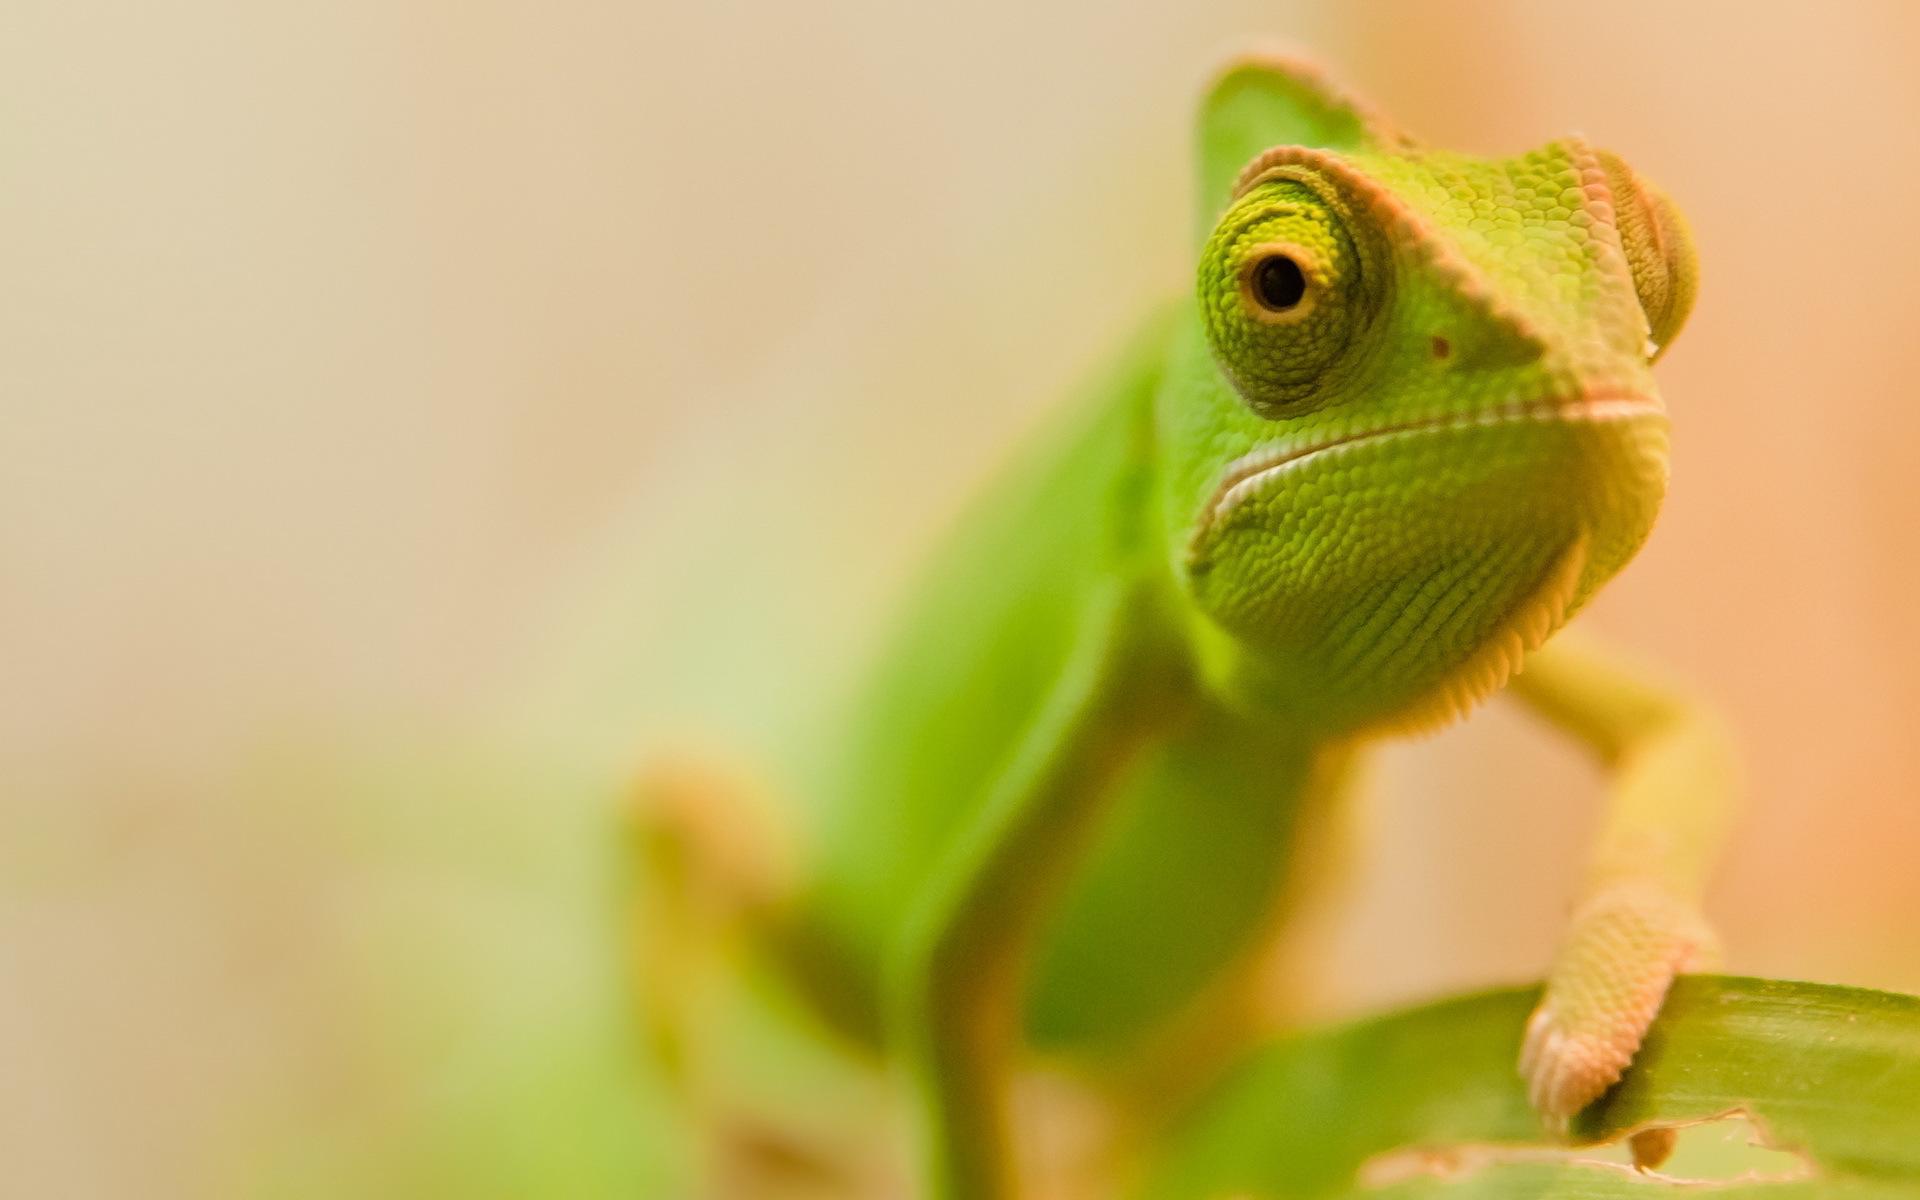 green chameleon 23642